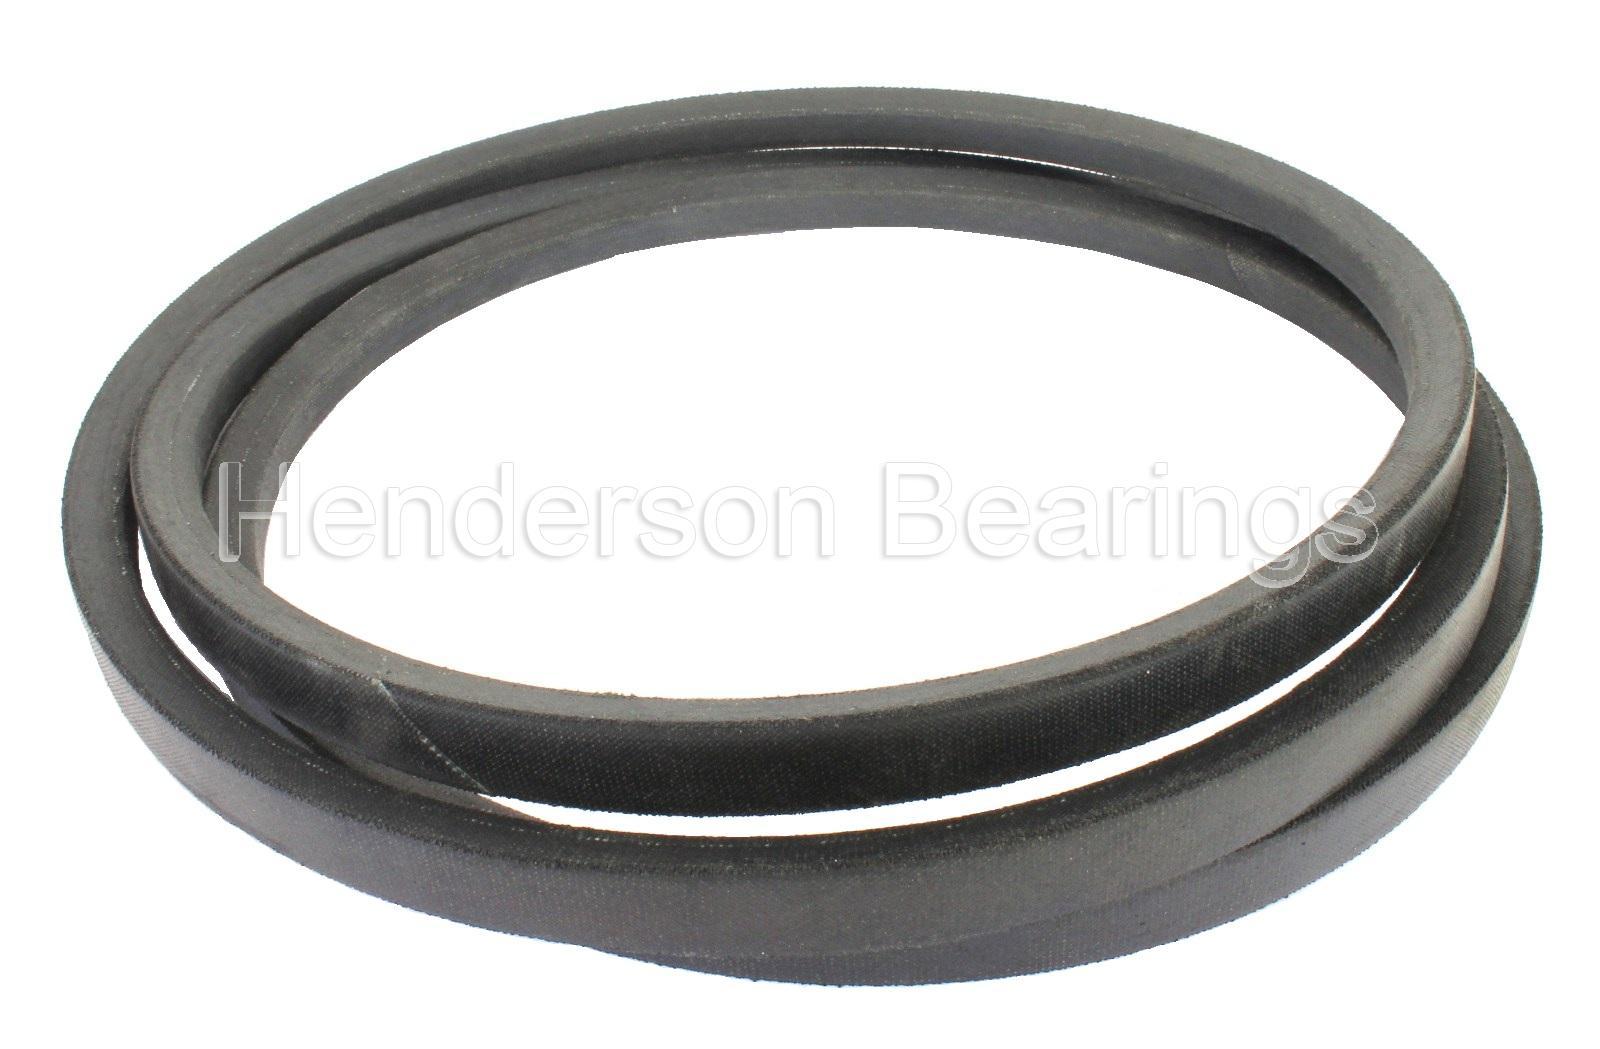 SPB1750 Major Brand SPB-Section V-Belt